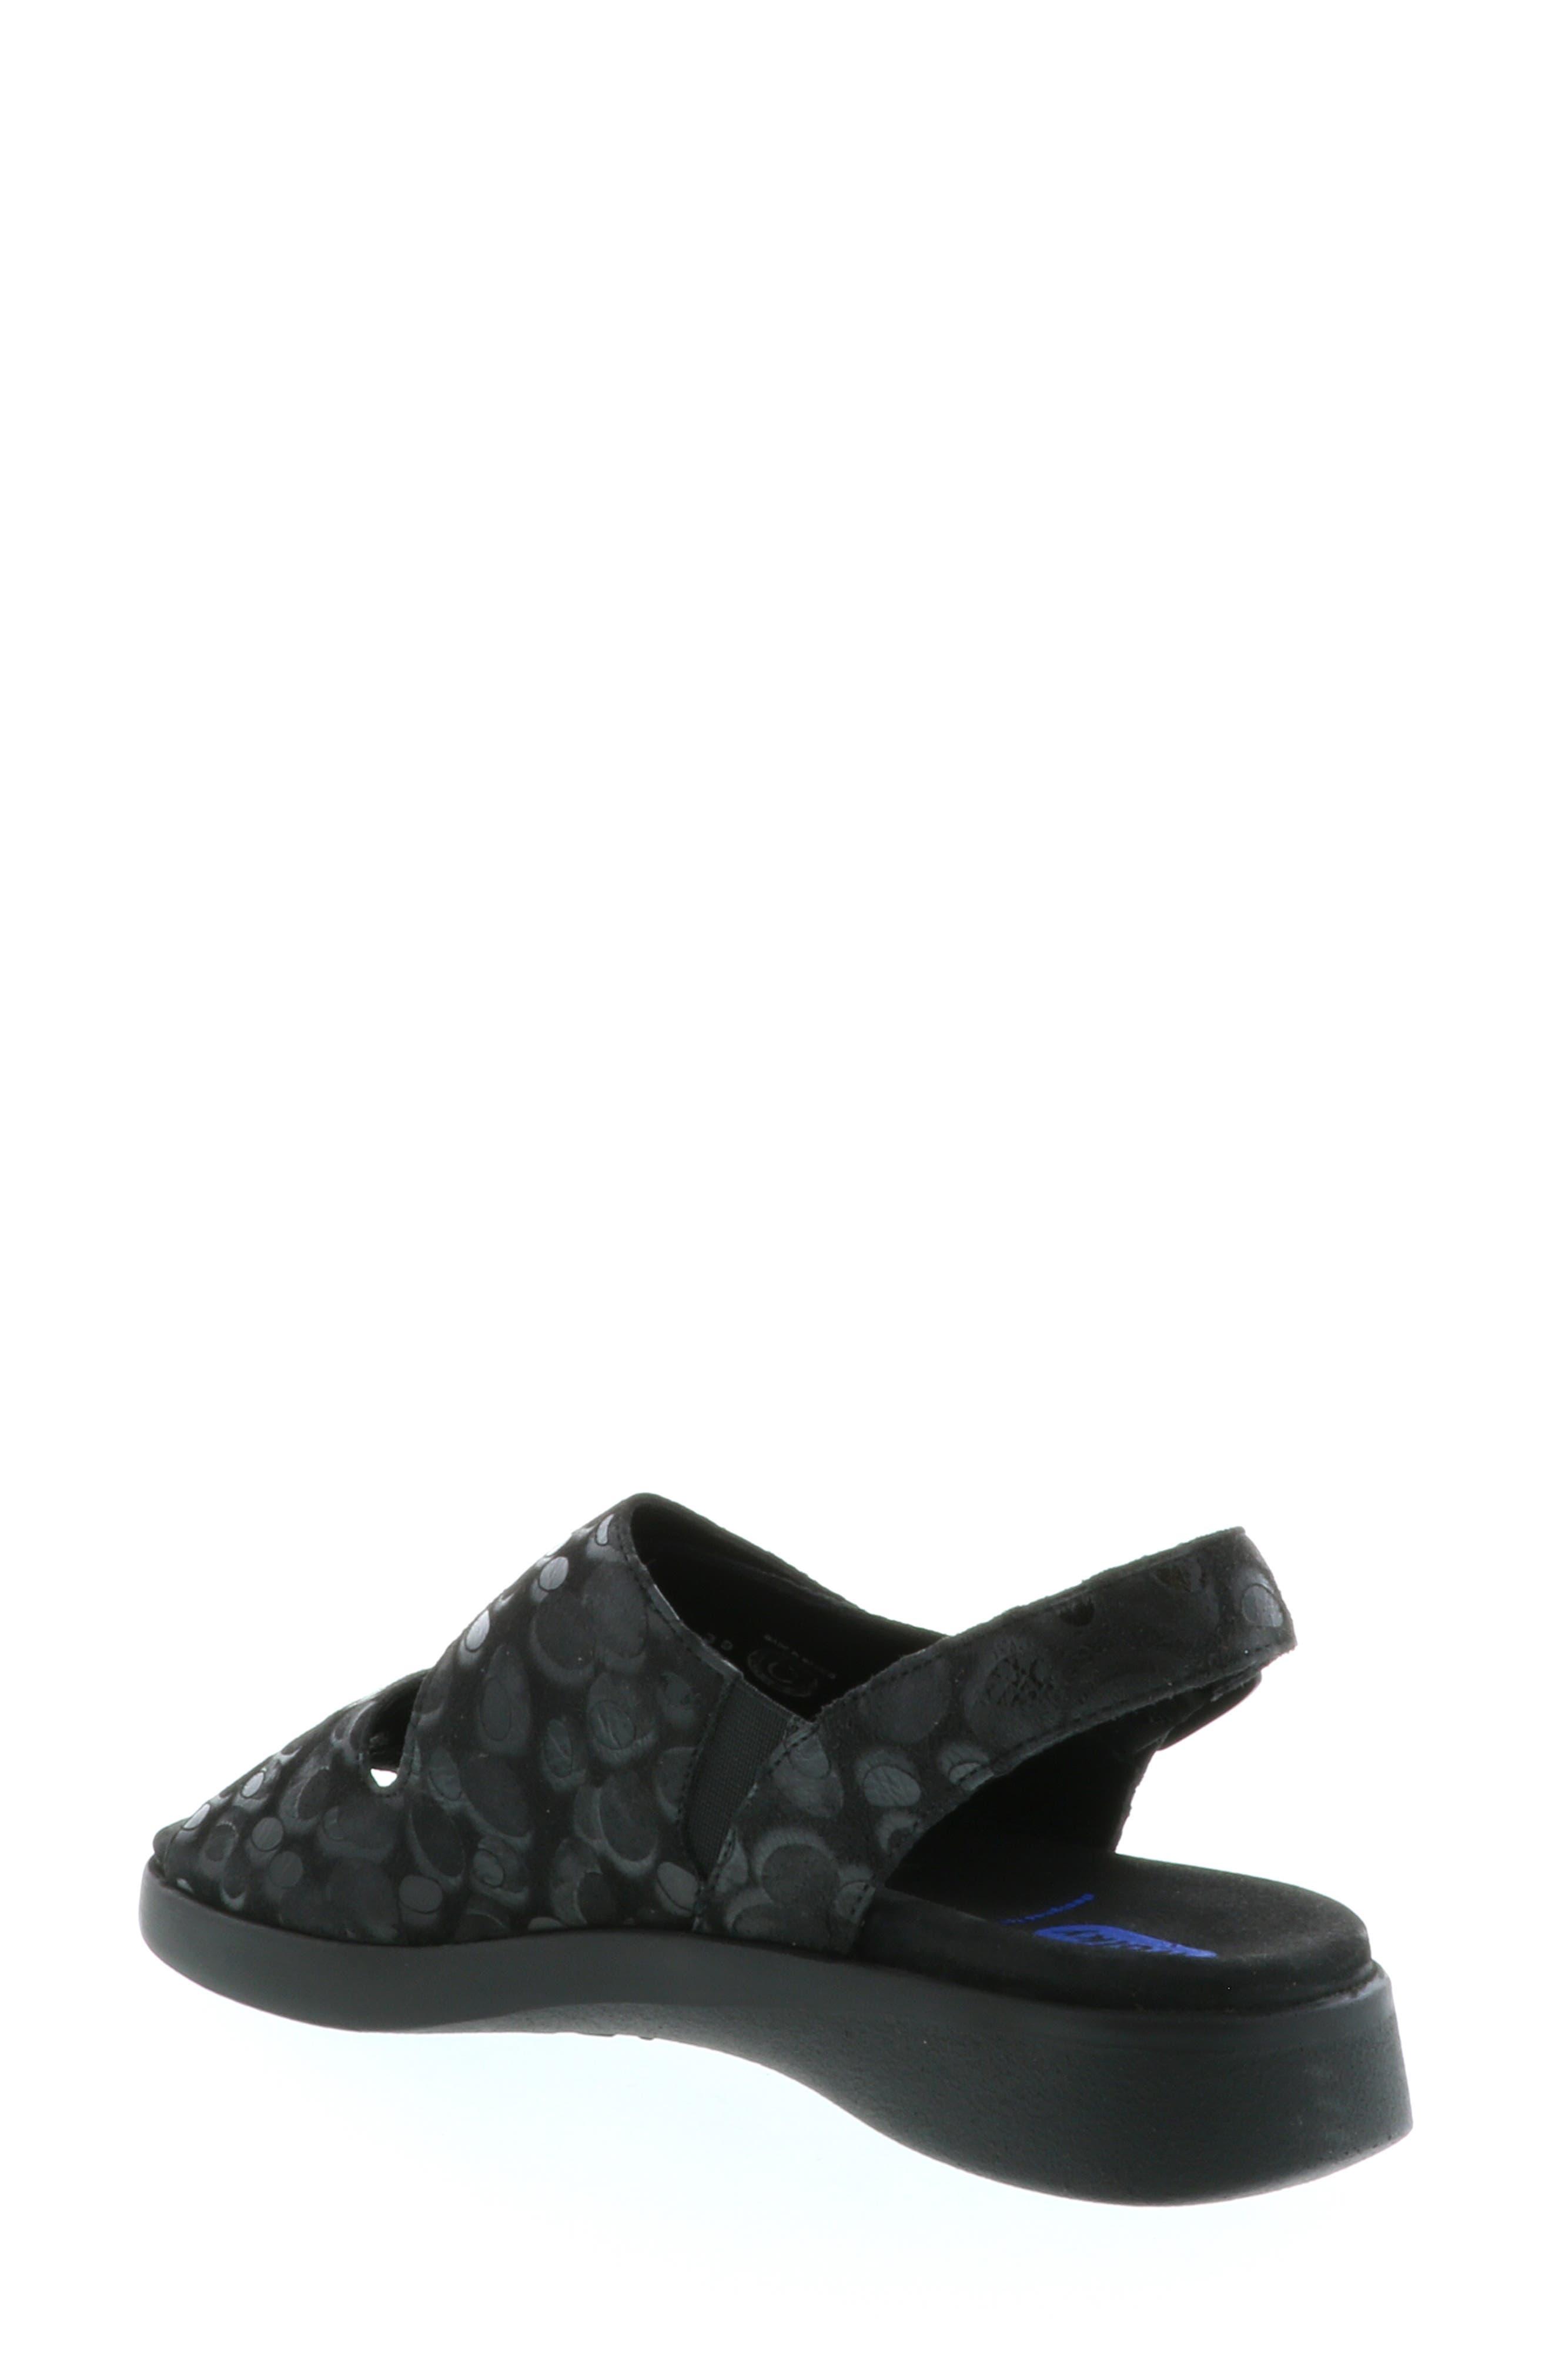 Nimes Sandal,                             Alternate thumbnail 2, color,                             BLACK